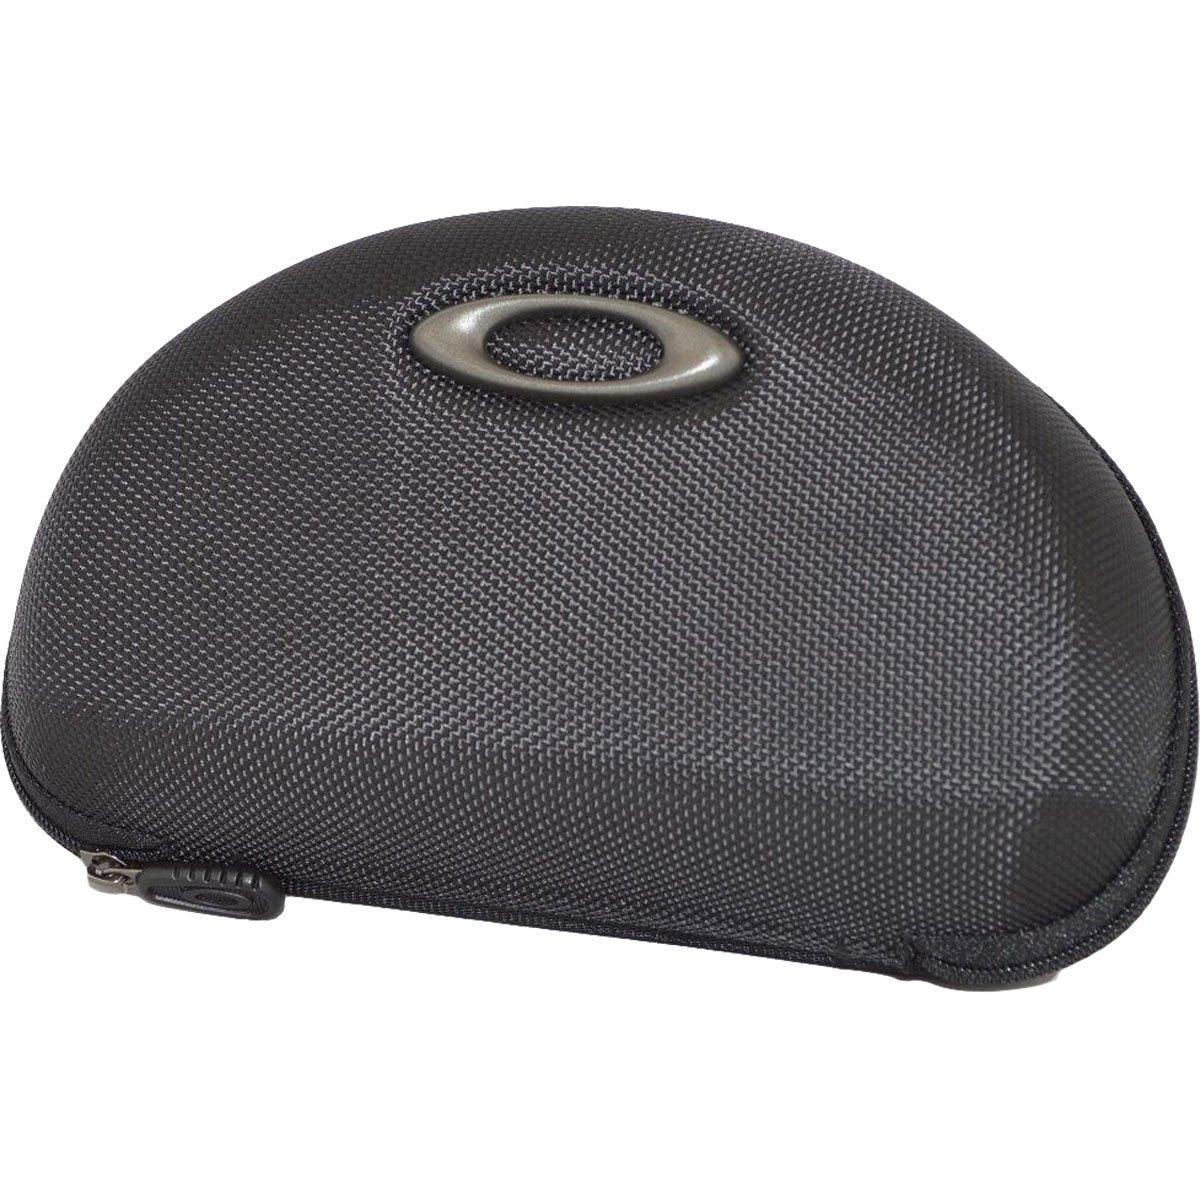 Oakley Jawbreaker Soft Array Case Sunglass Accessories - Black / One Size by Oakley